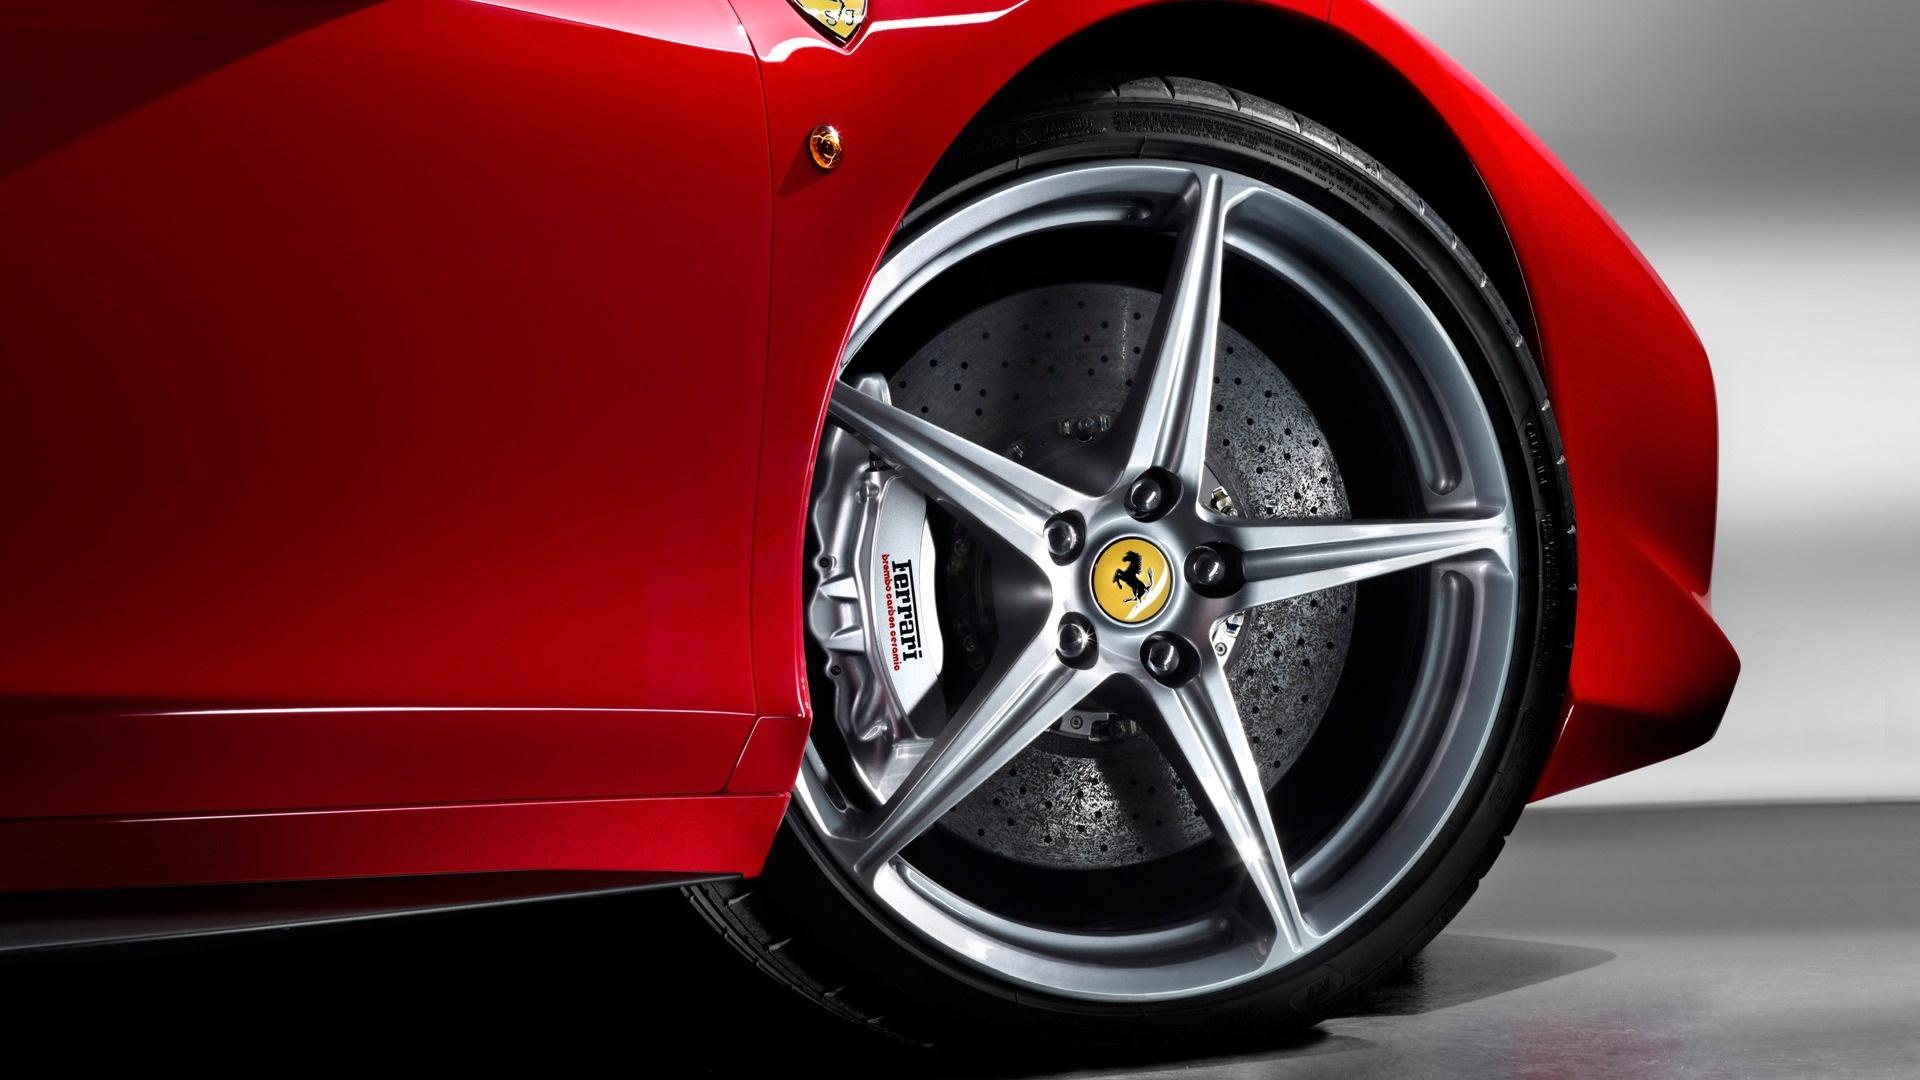 колесо, красная машина, скачать фото, ferrari, wallpaper